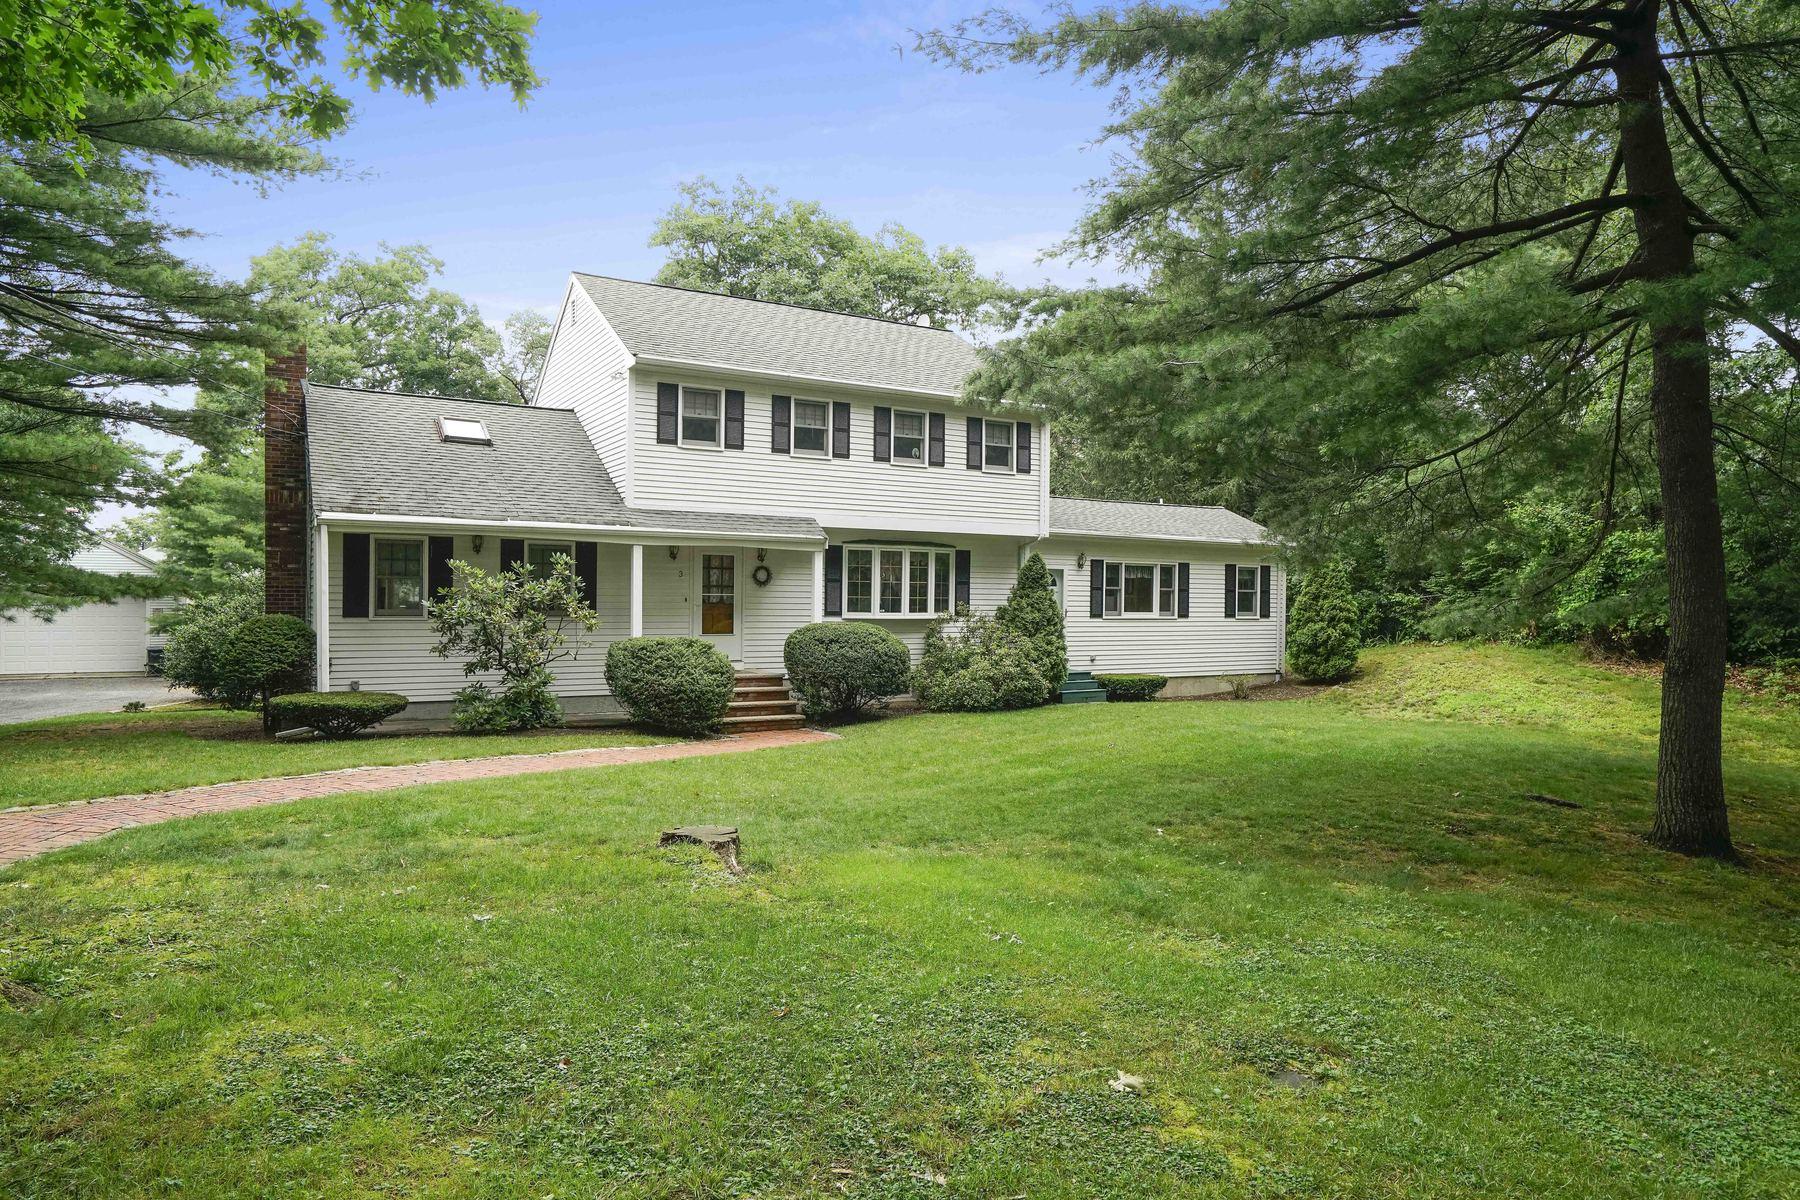 独户住宅 为 销售 在 3 Charity Lane, Dedham 戴德姆, 马萨诸塞州, 02026 美国